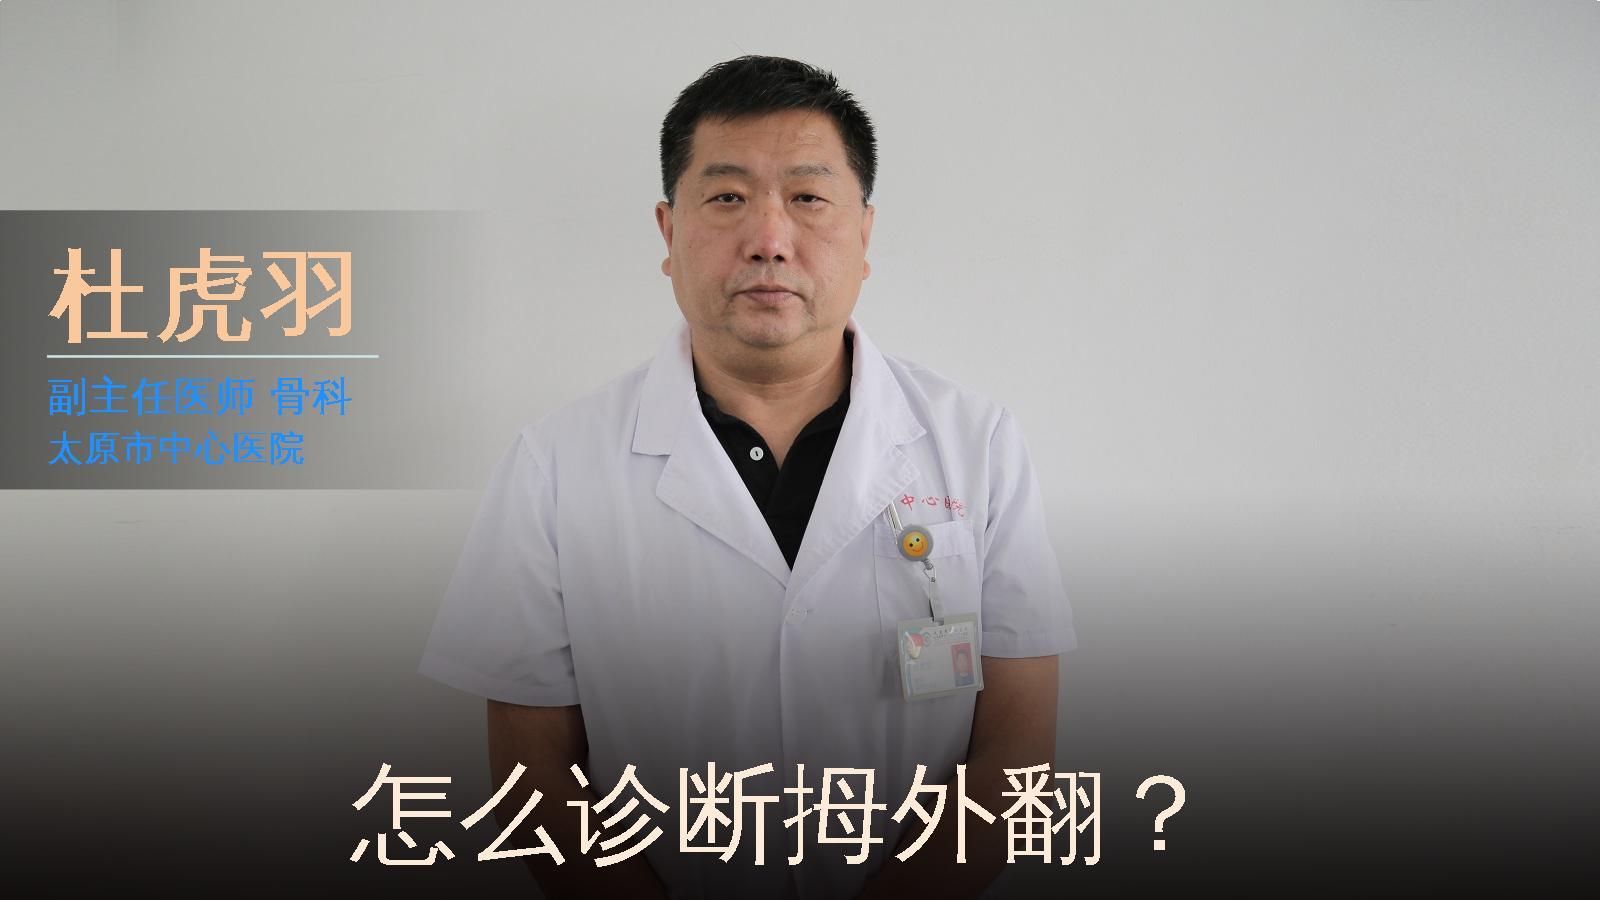 怎么诊断拇外翻?